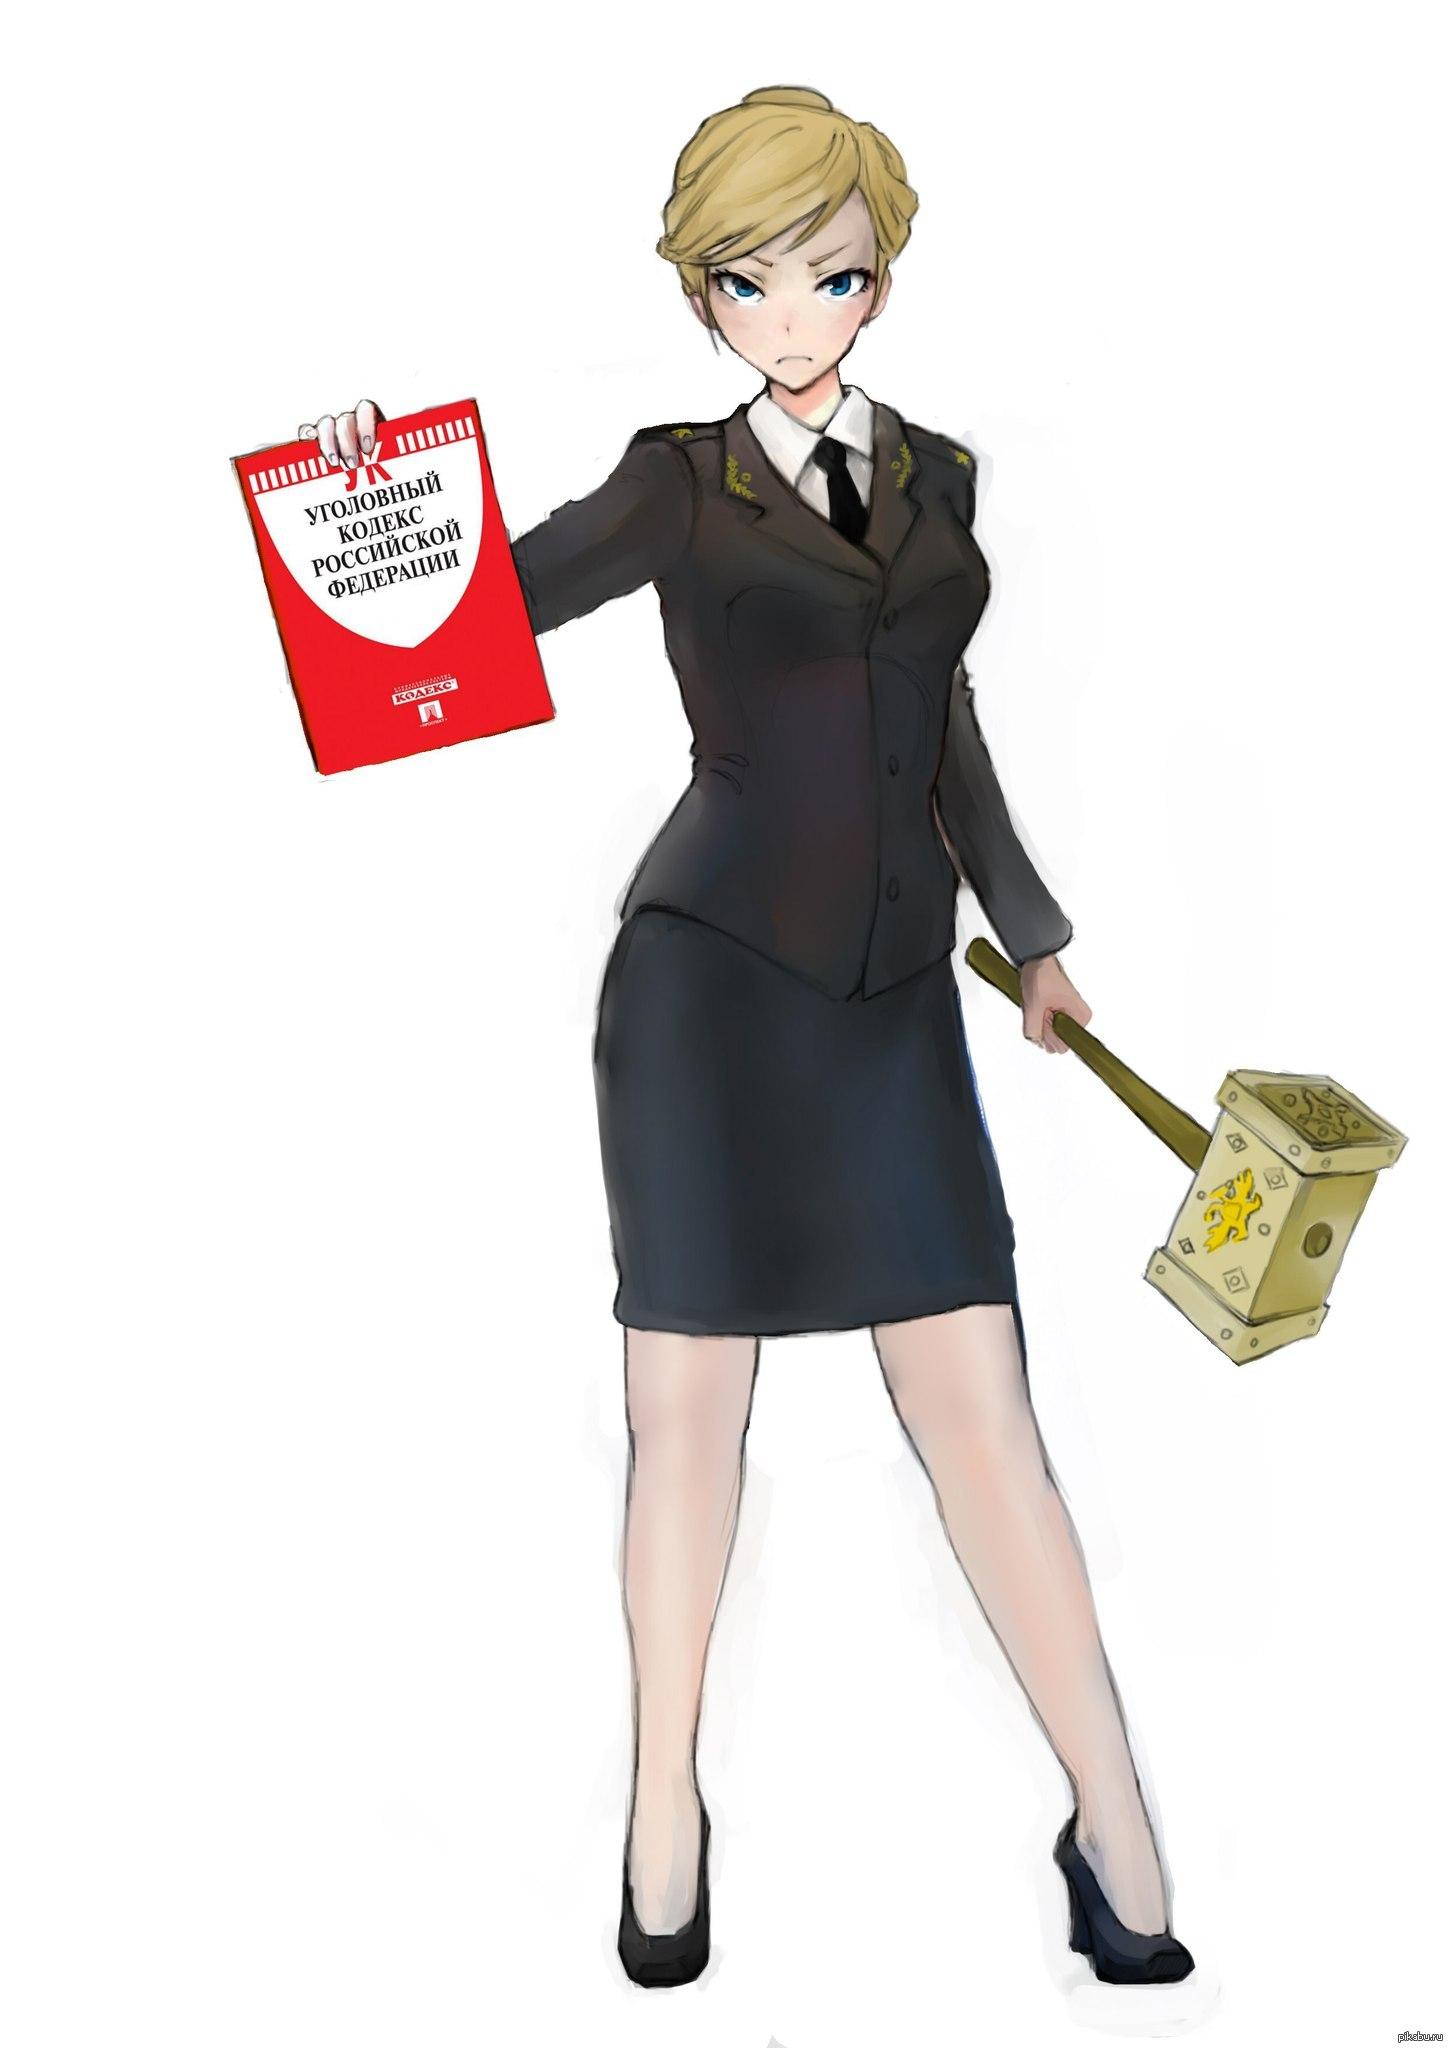 Девочка юрист картинка прикольная